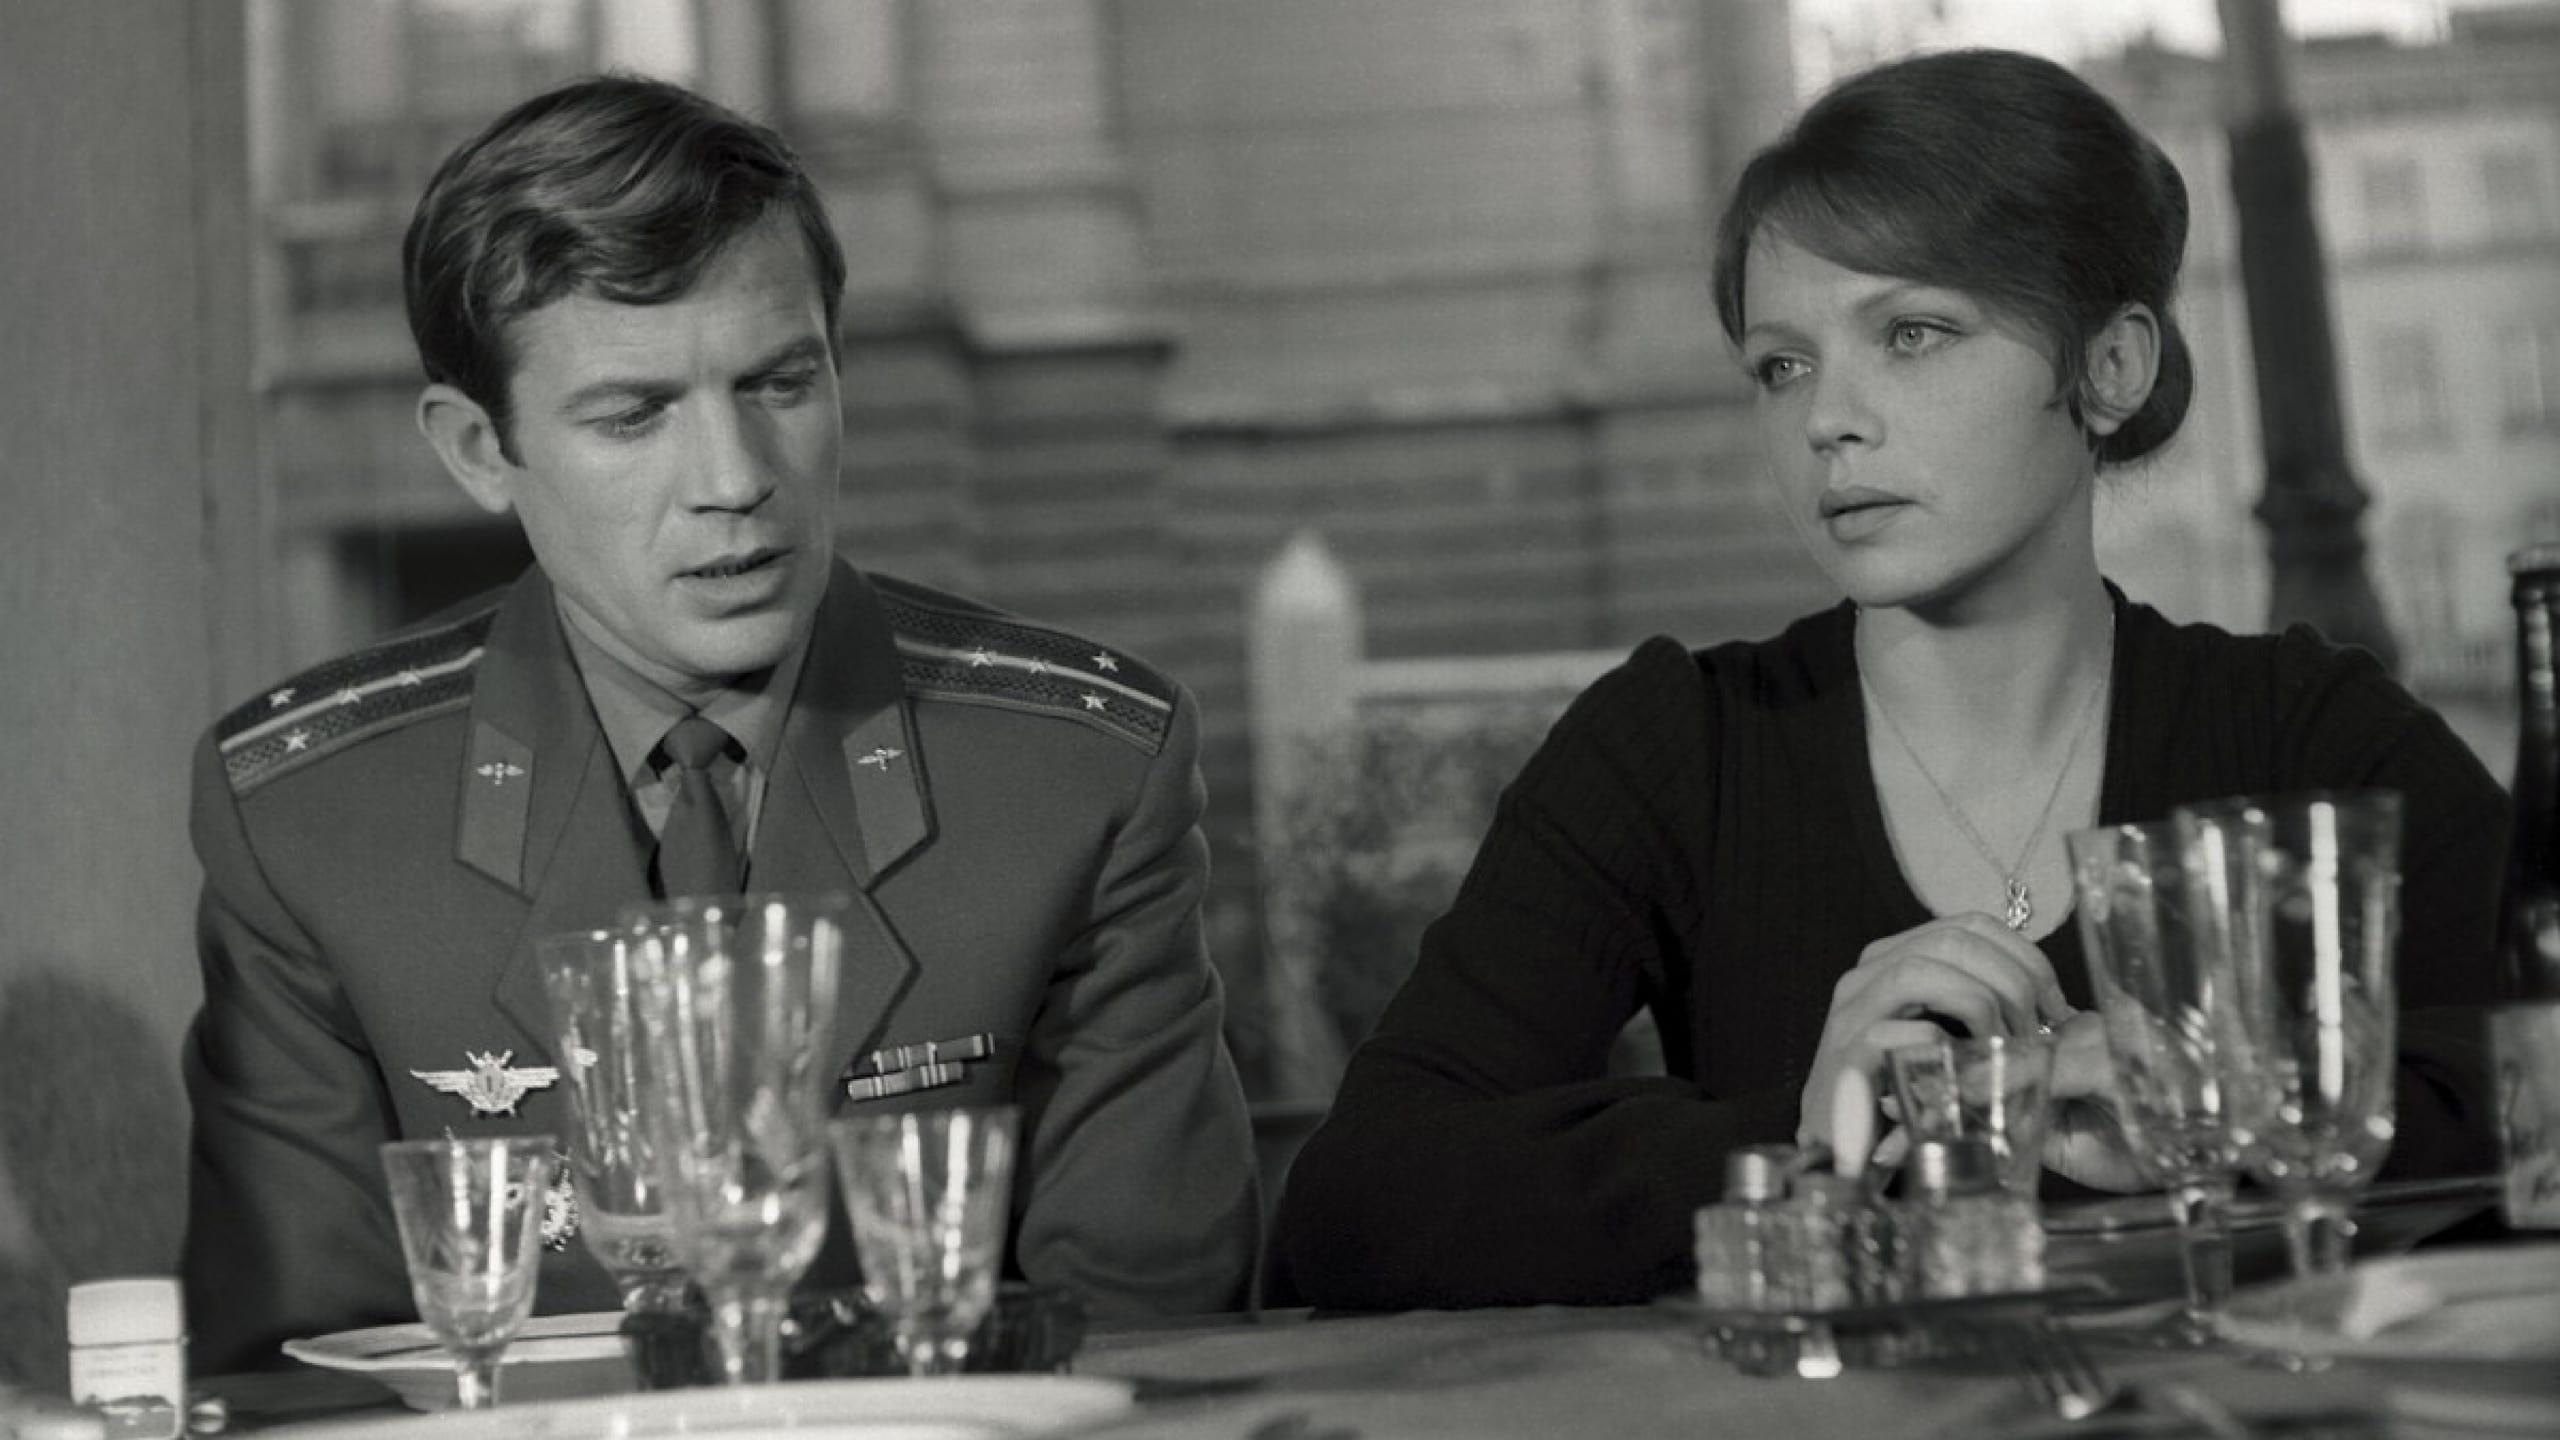 Даже фильм про военных летчиков мог быть запрещен